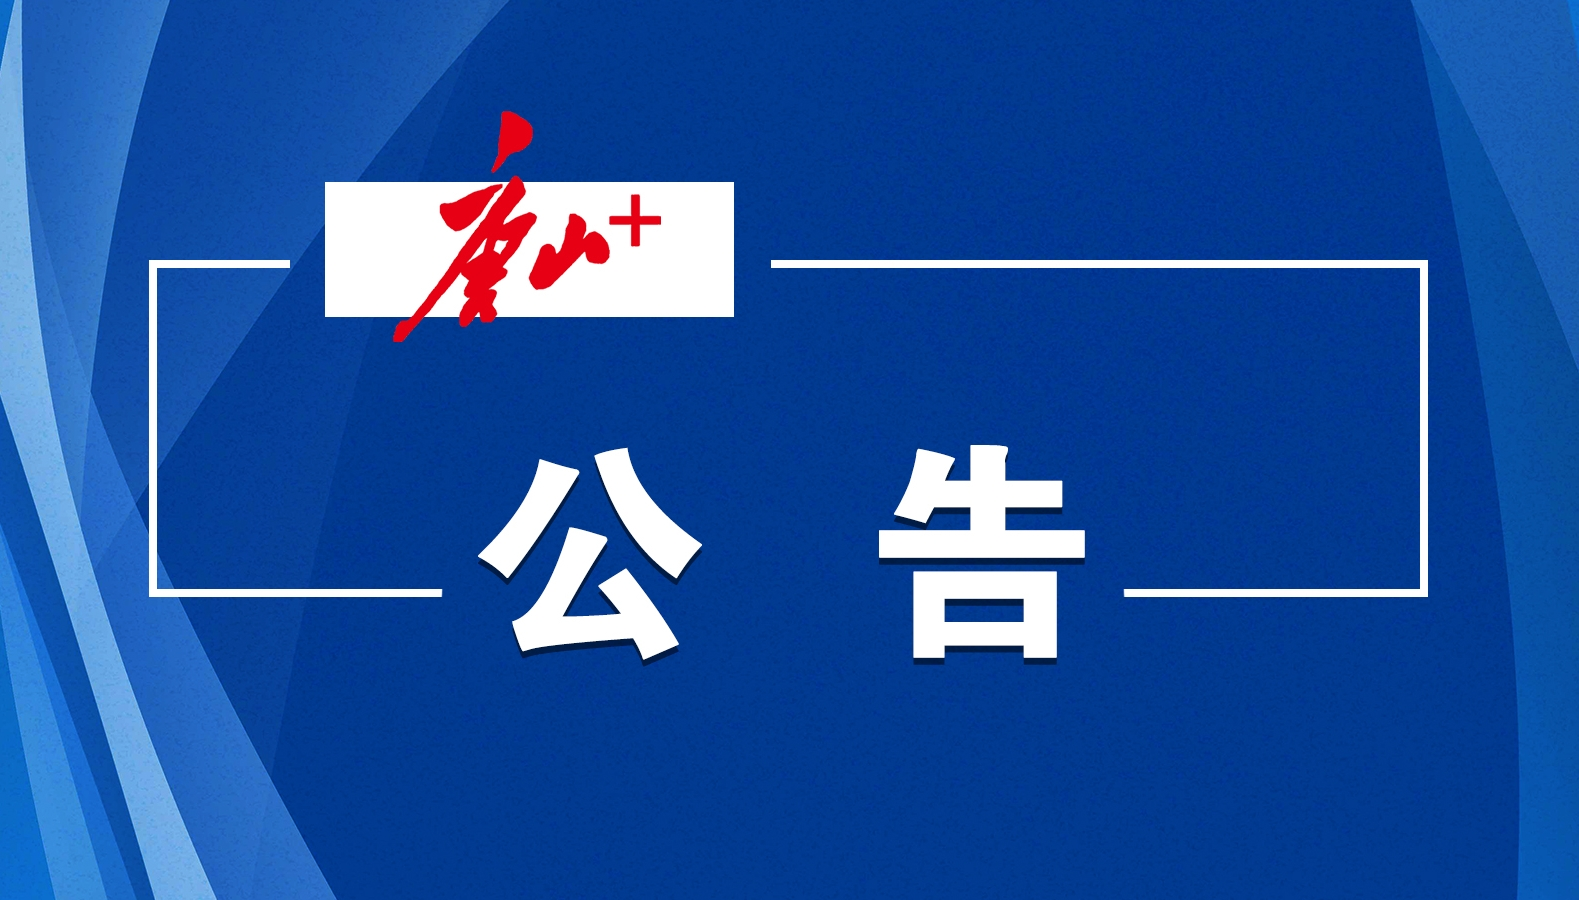 唐山气象局发布重要公告!